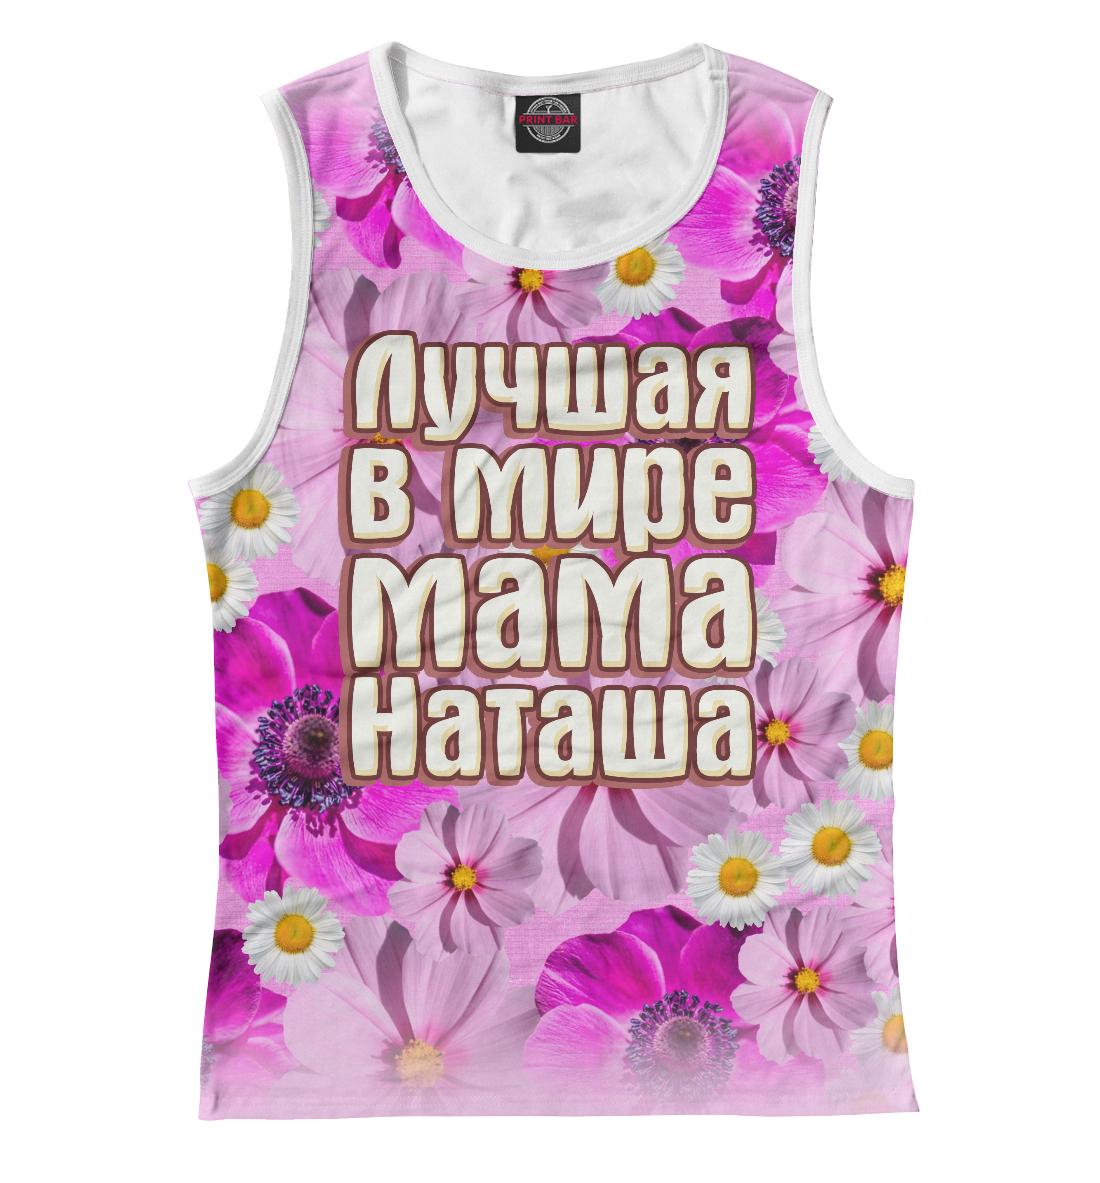 Купить Лучшая в мире мама Наташа, Printbar, Майки, IMR-661671-may-1